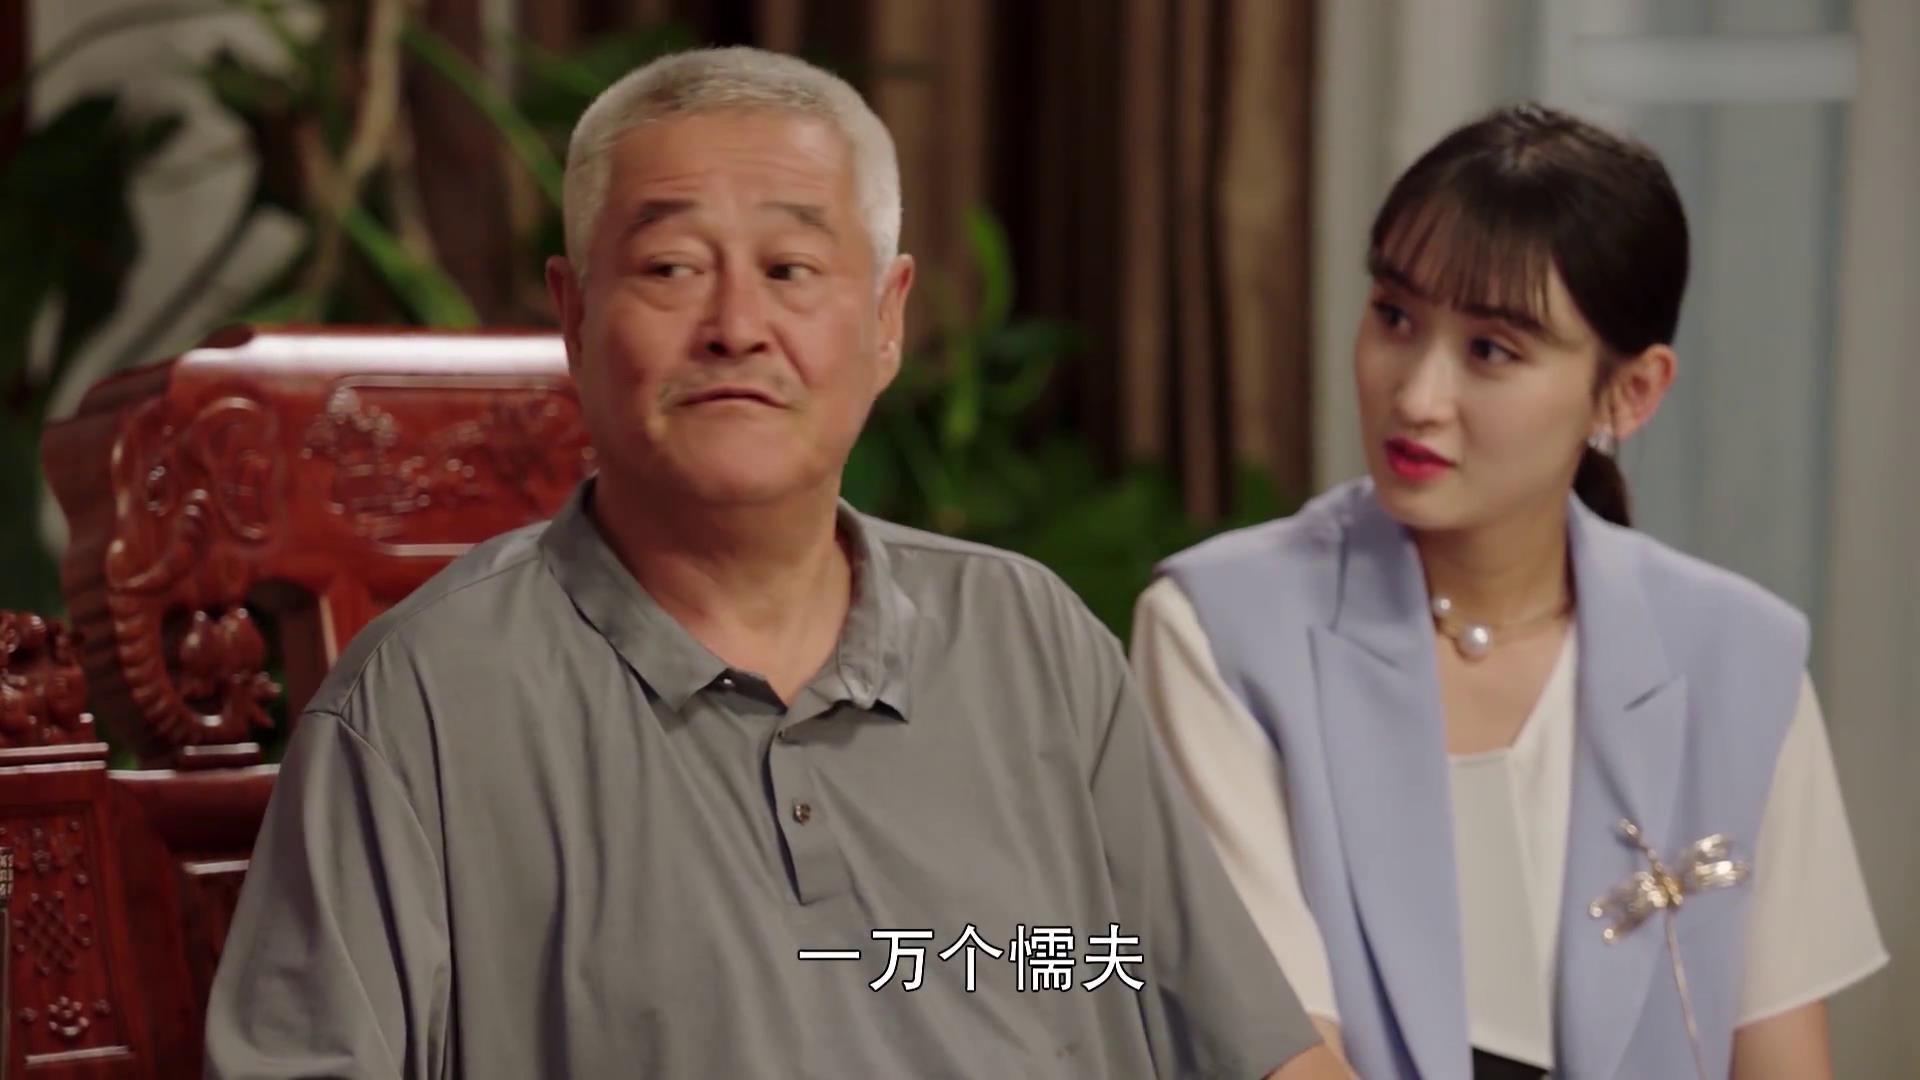 刘老根3:刘老根第一次见大孙子乐坏了,不料一听名字,当场懵了